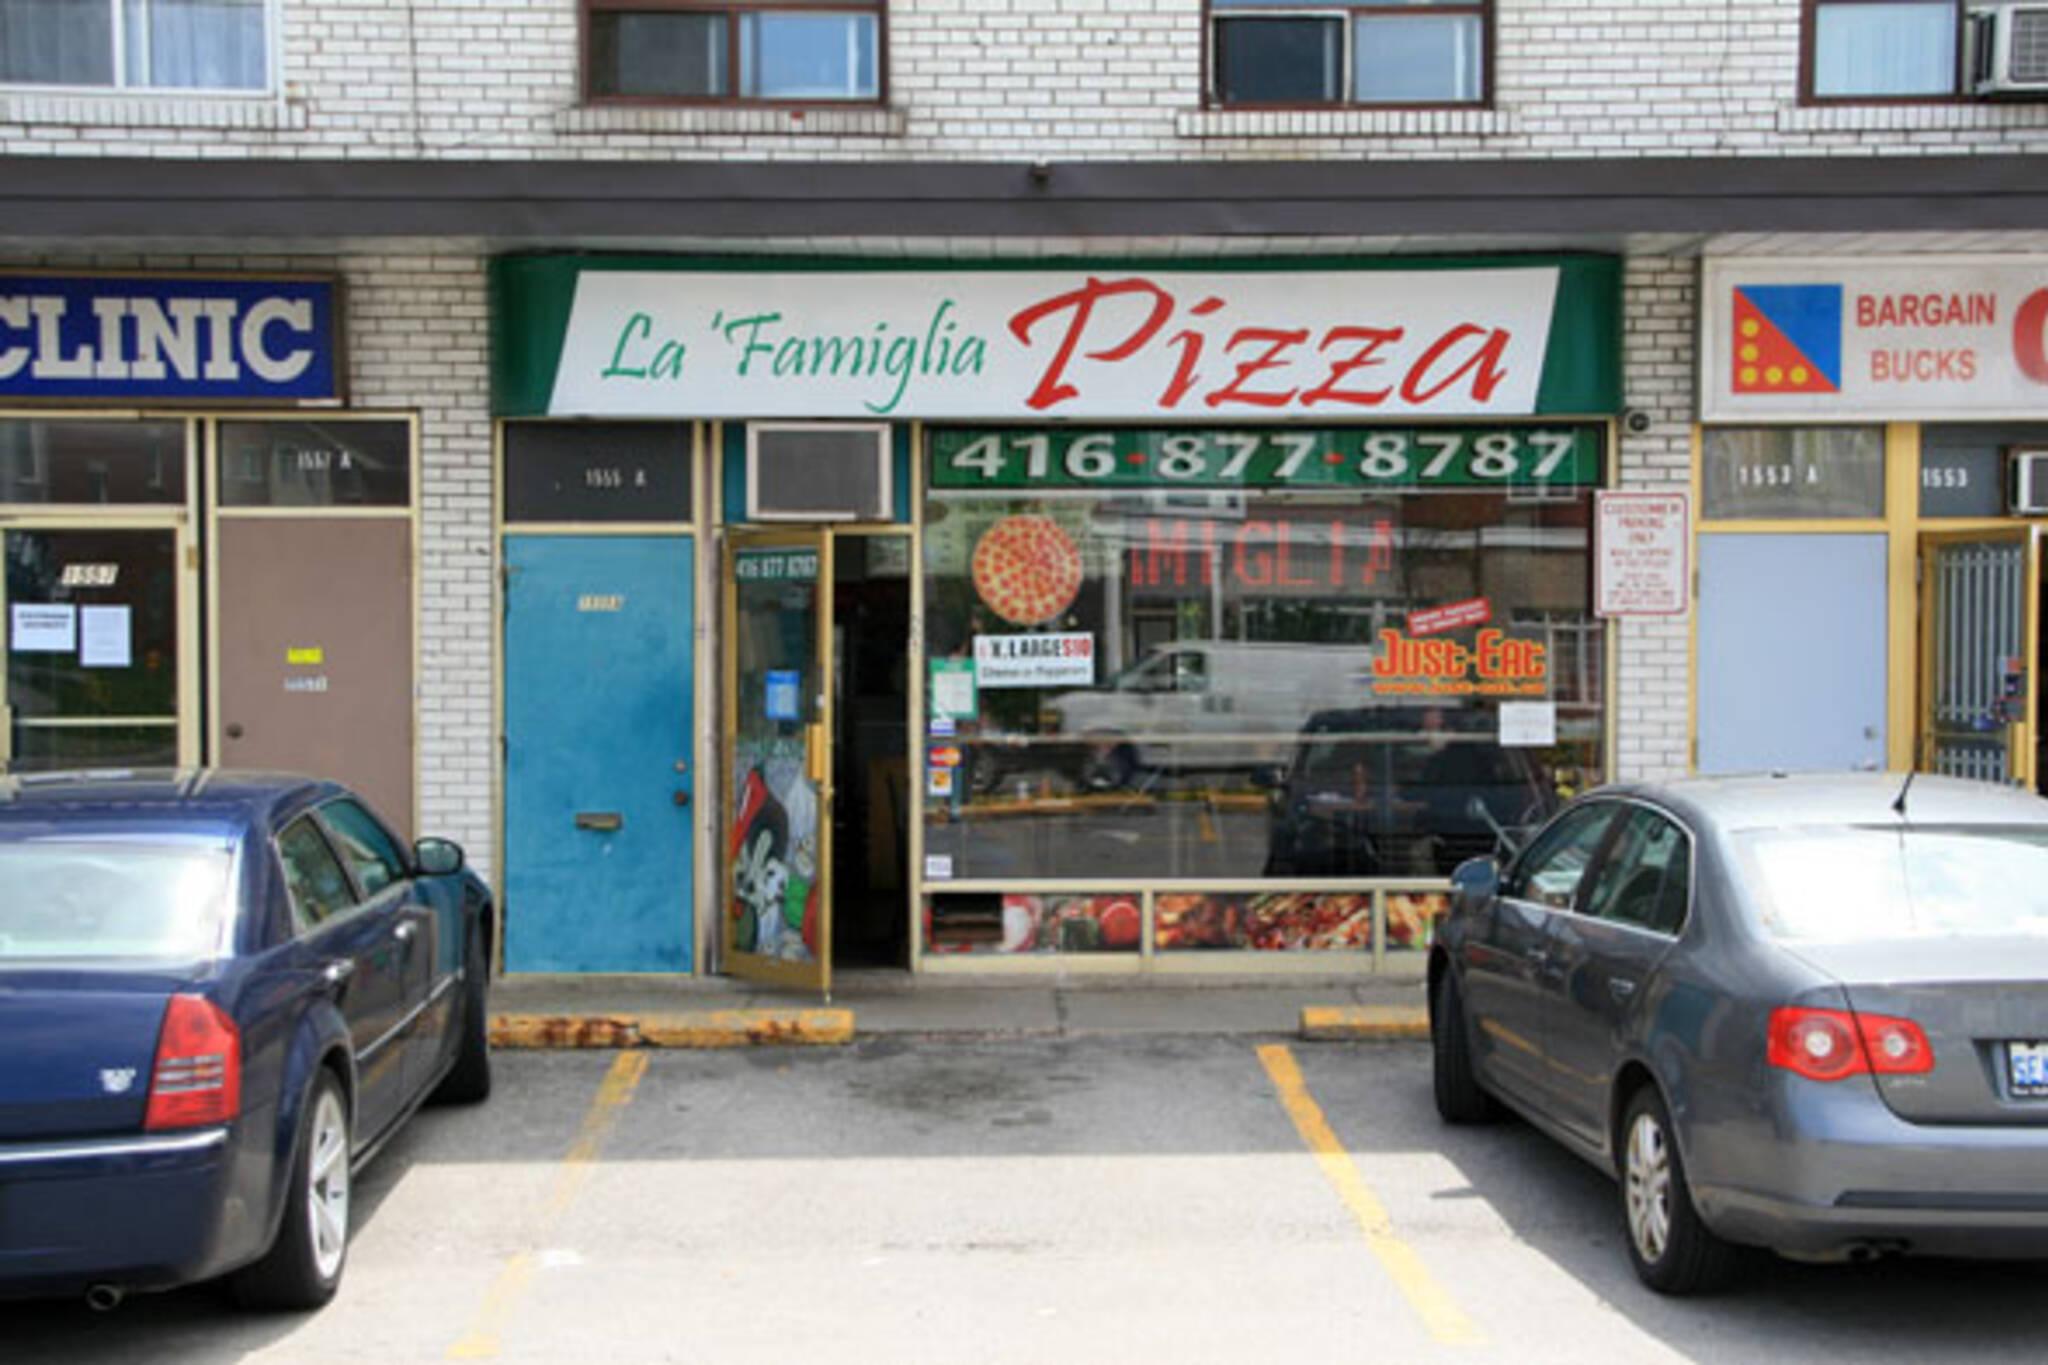 La Famiglia Pizza